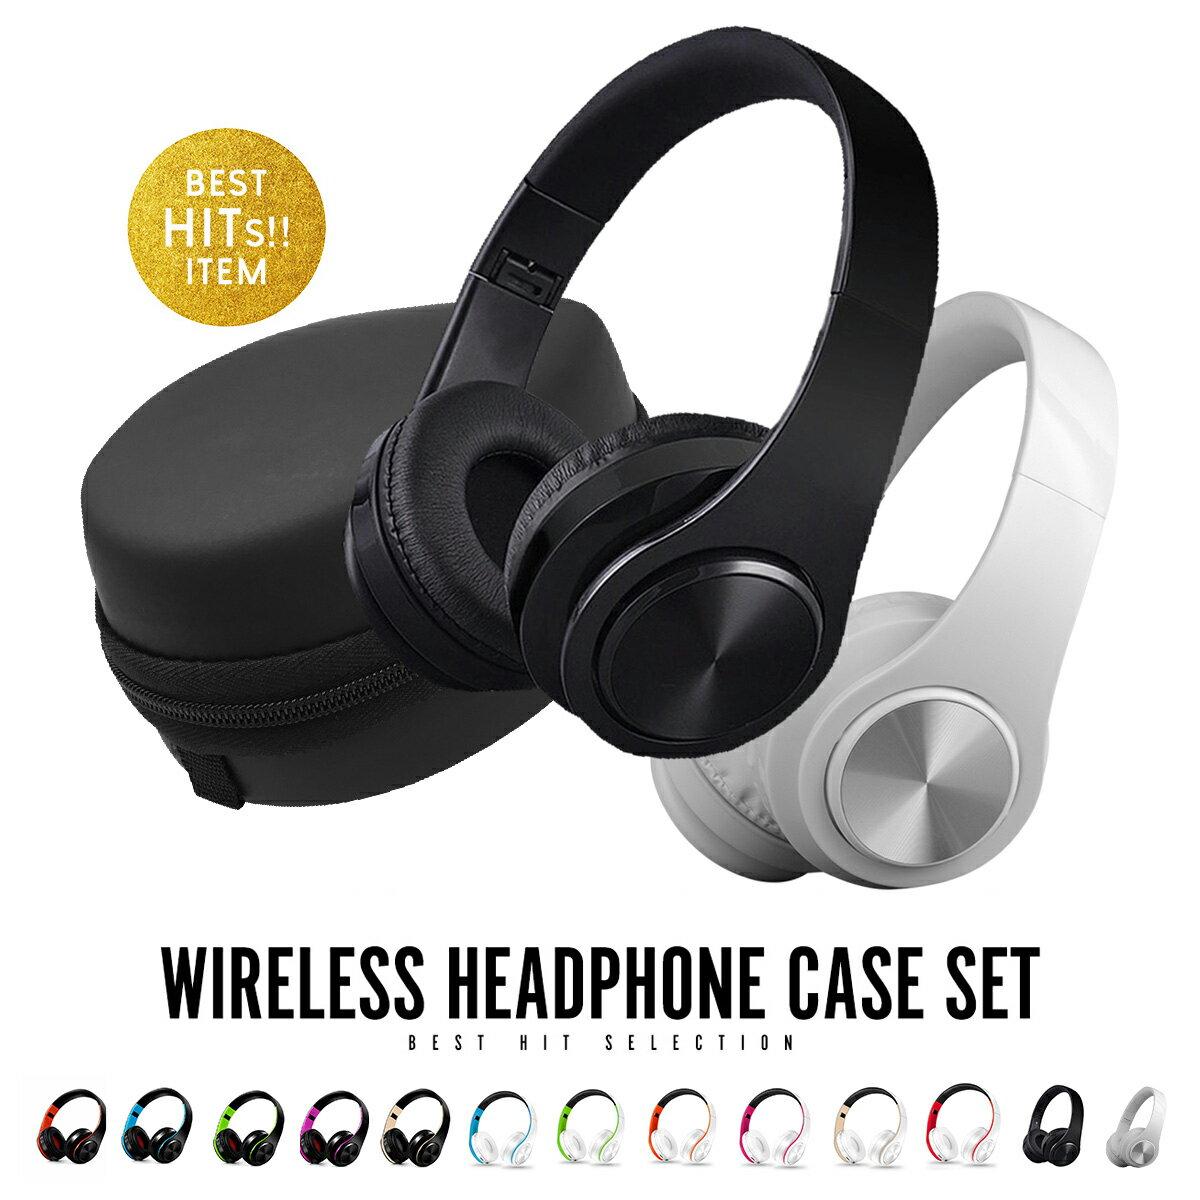 ワイヤレス ヘッドホン セット 密閉型 Bluetooth ブルートゥース ヘッドフォン 折りたたみ式 ハンズフリー通話 高音質 ゲーミング ワークアウト 送料無料